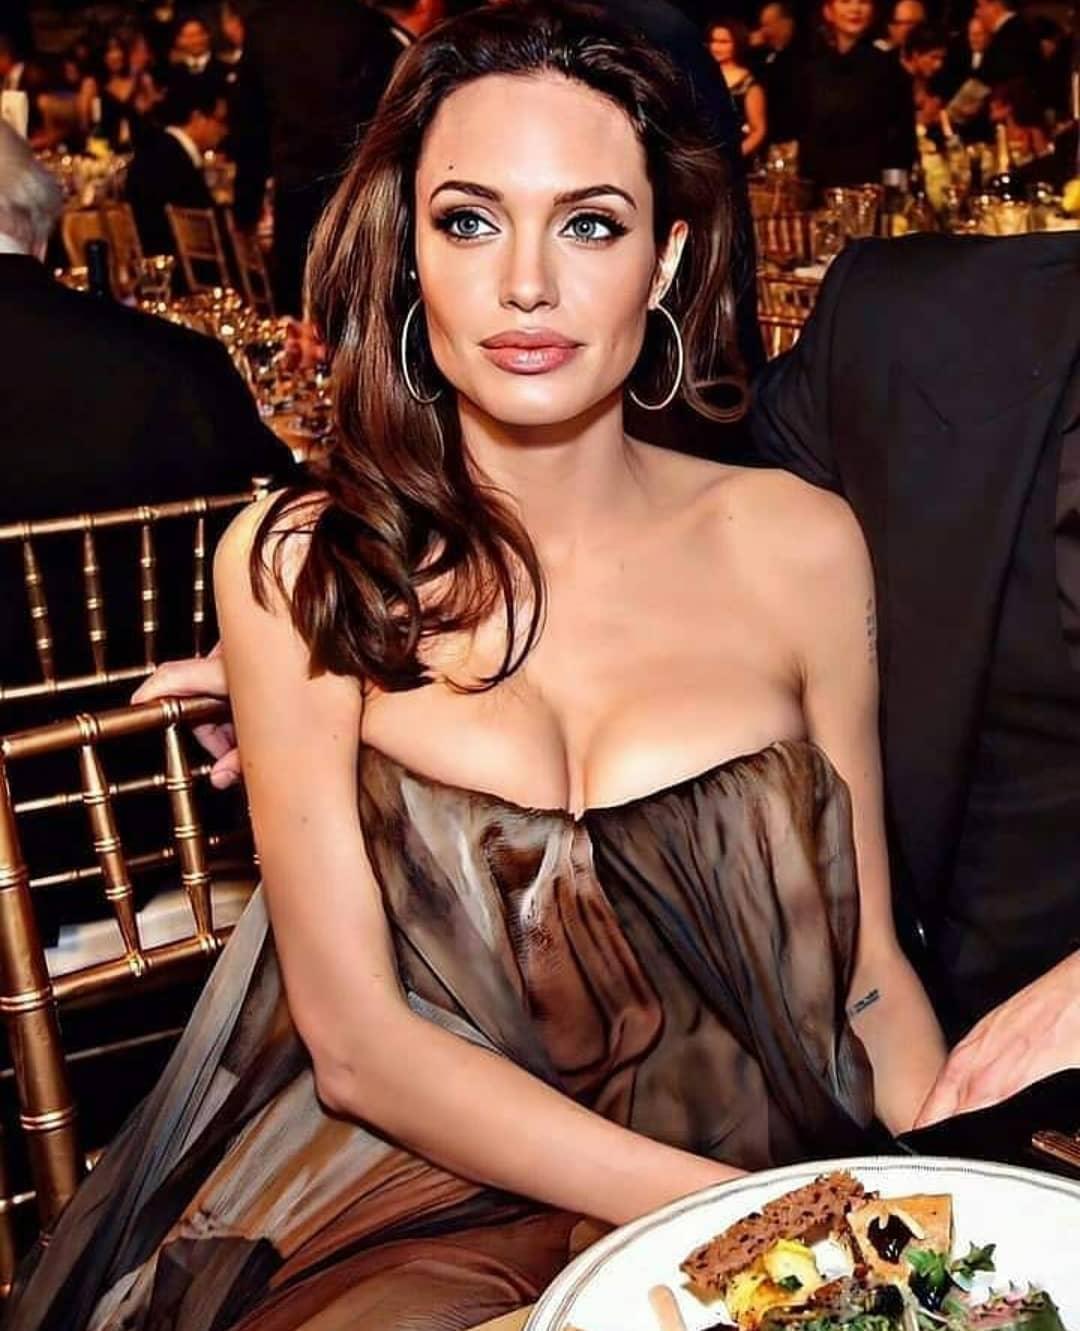 Анджелина Джоли приспустила платье и показала пышный бюст